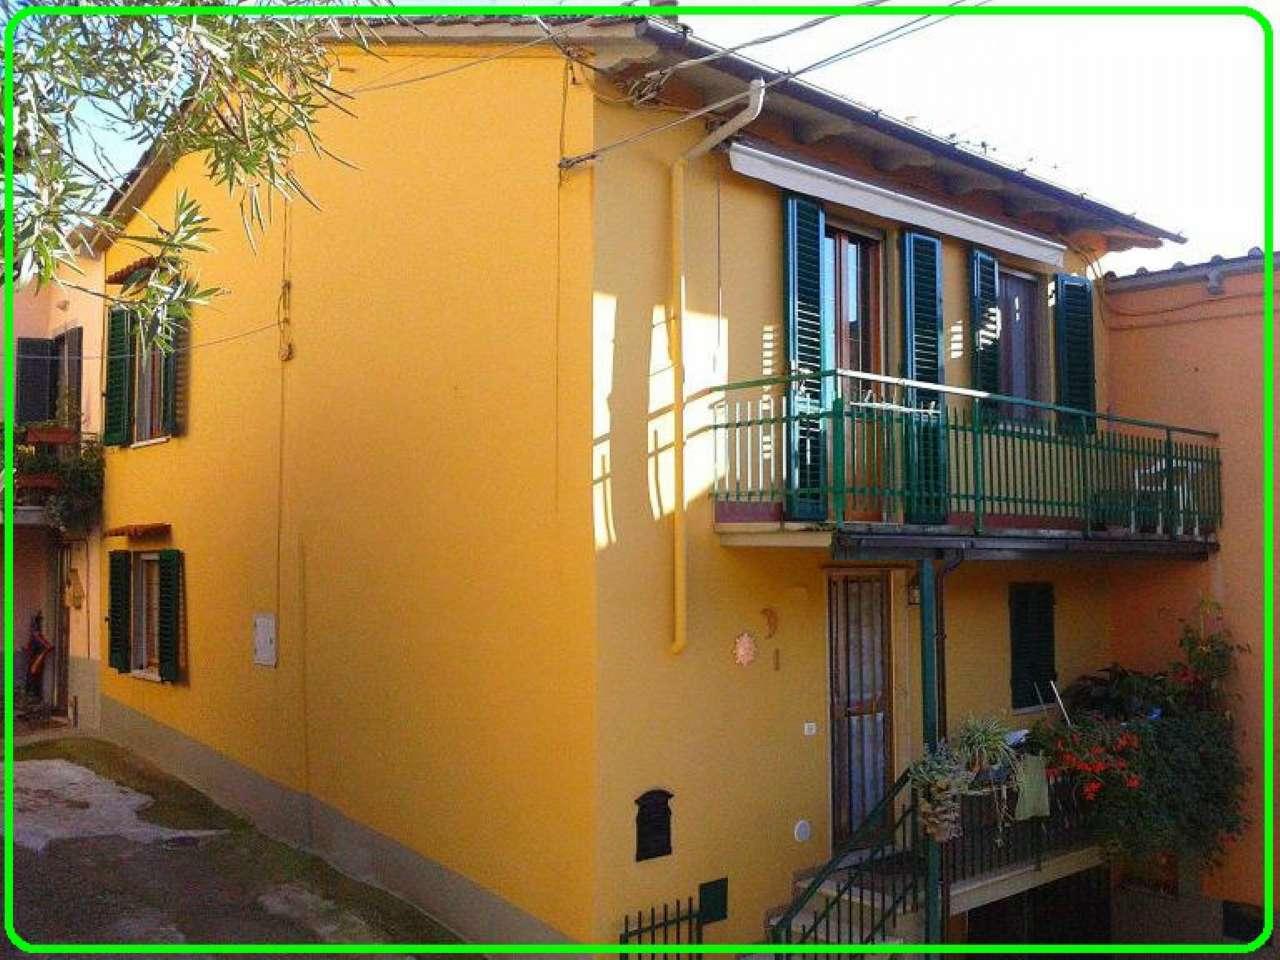 Soluzione Indipendente in vendita a Pistoia, 5 locali, prezzo € 125.000 | CambioCasa.it